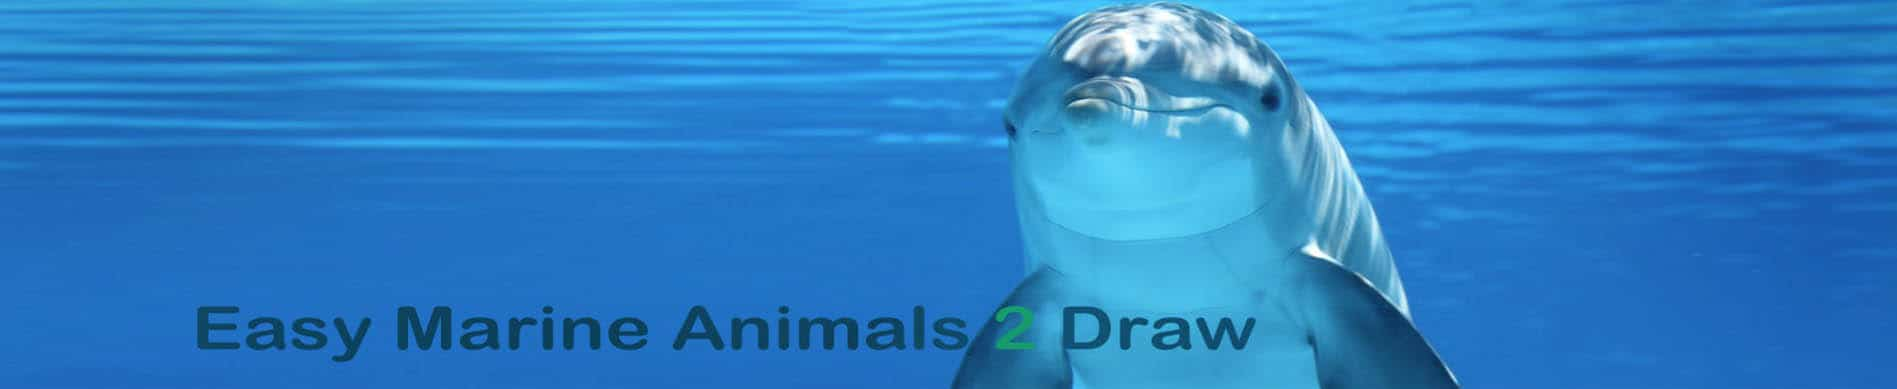 HOW TO DRAW MARINE ANIMALS